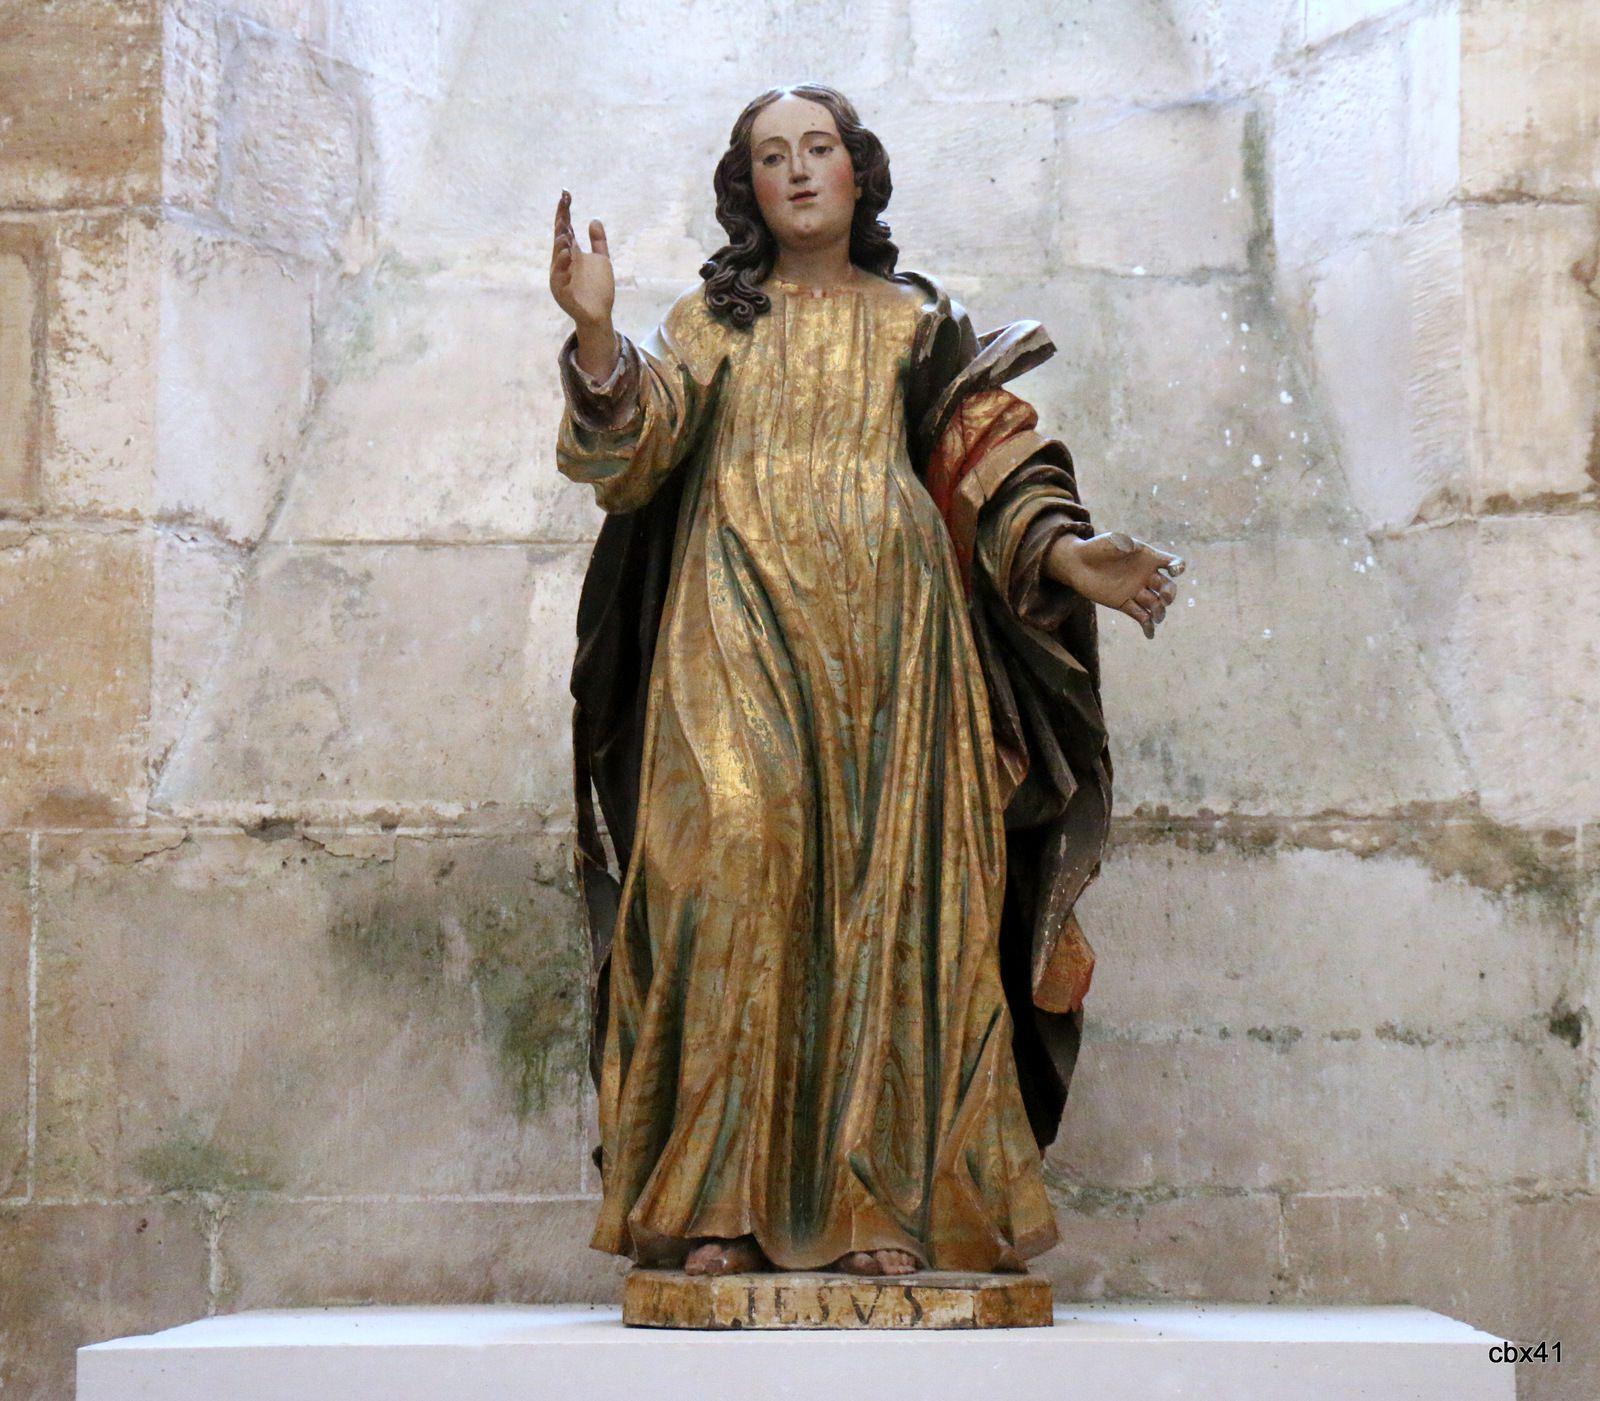 Le Christ, Eglise du monastère d'Alcobaça (Portugal)